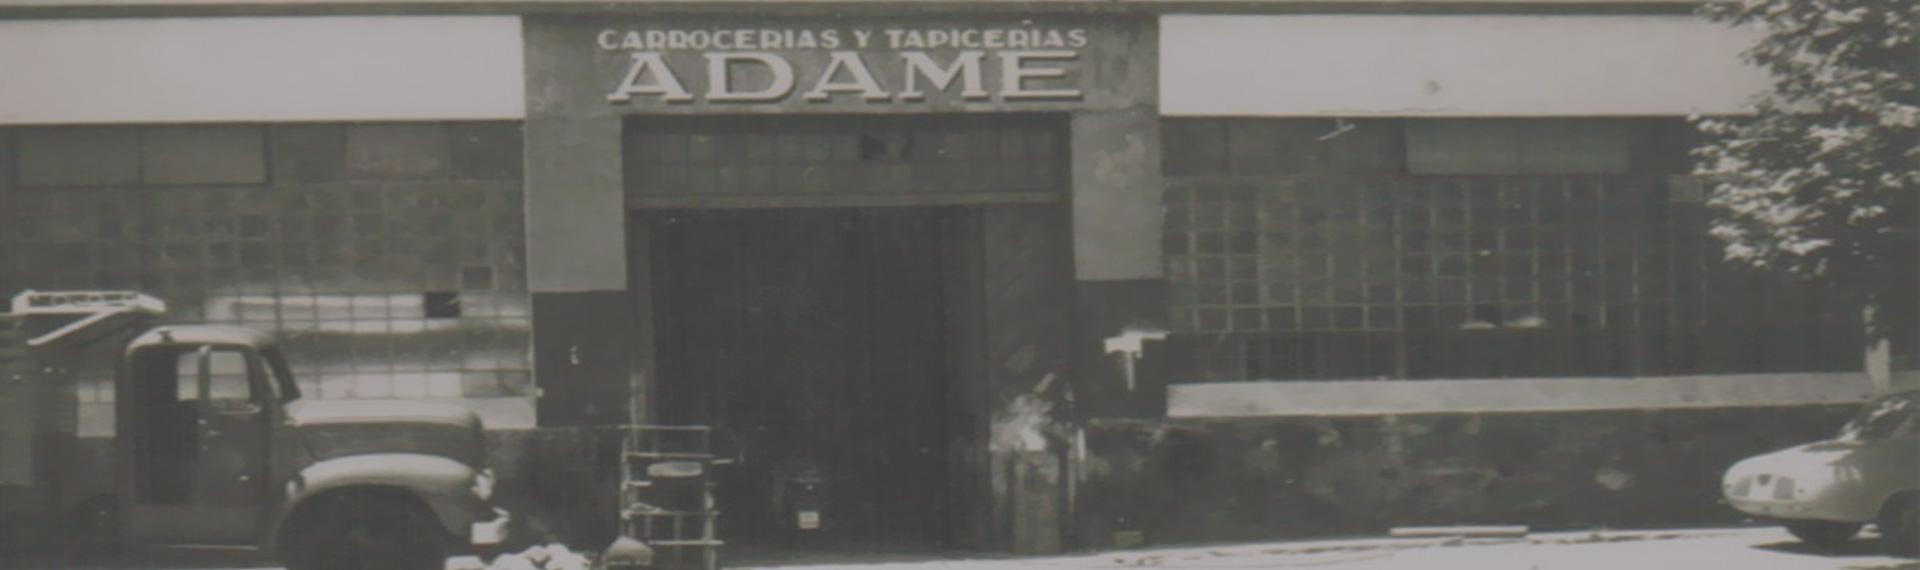 Chapista sevilla talleres adame - Tapicerias en sevilla ...